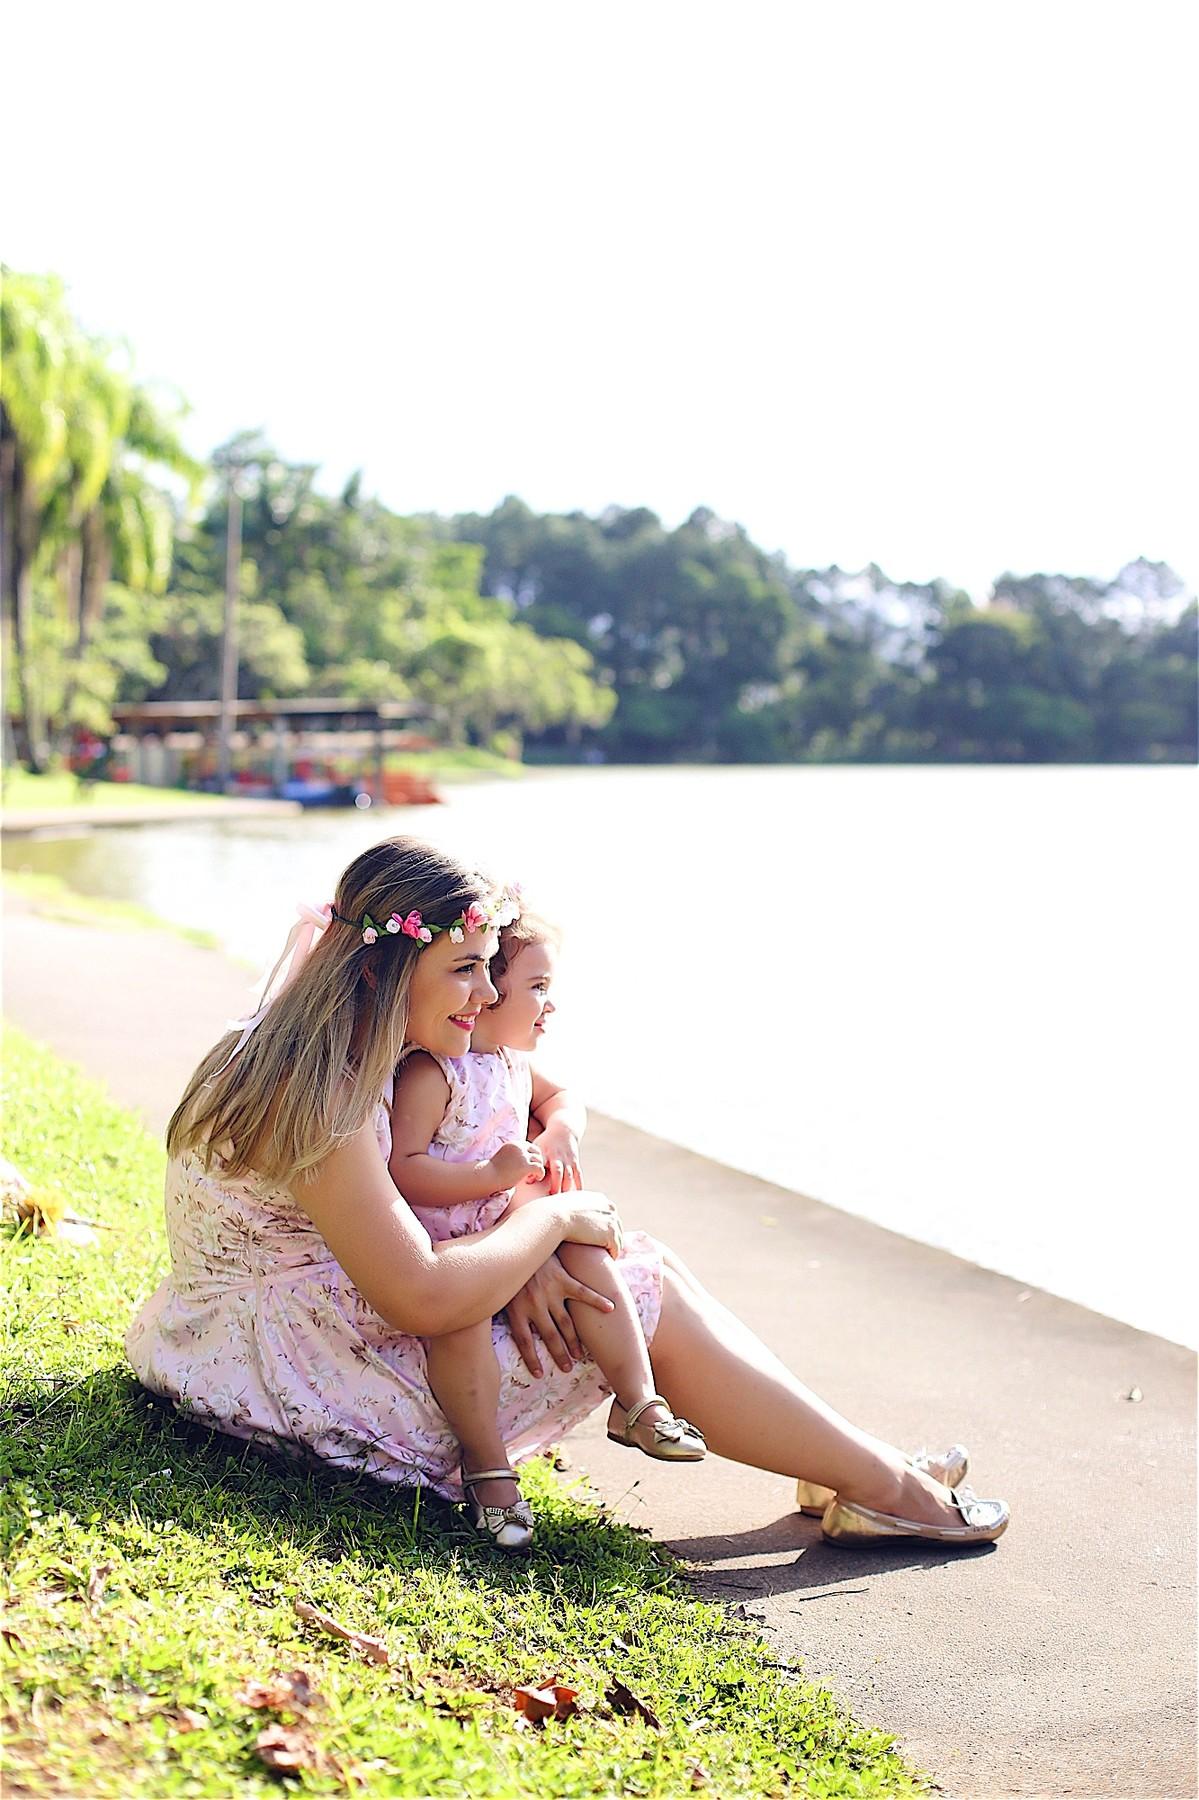 chroma - chroma fotografia - jaraguá do sul - parque da malwee - Diangili e Isabella - Ensaio mãe e filha